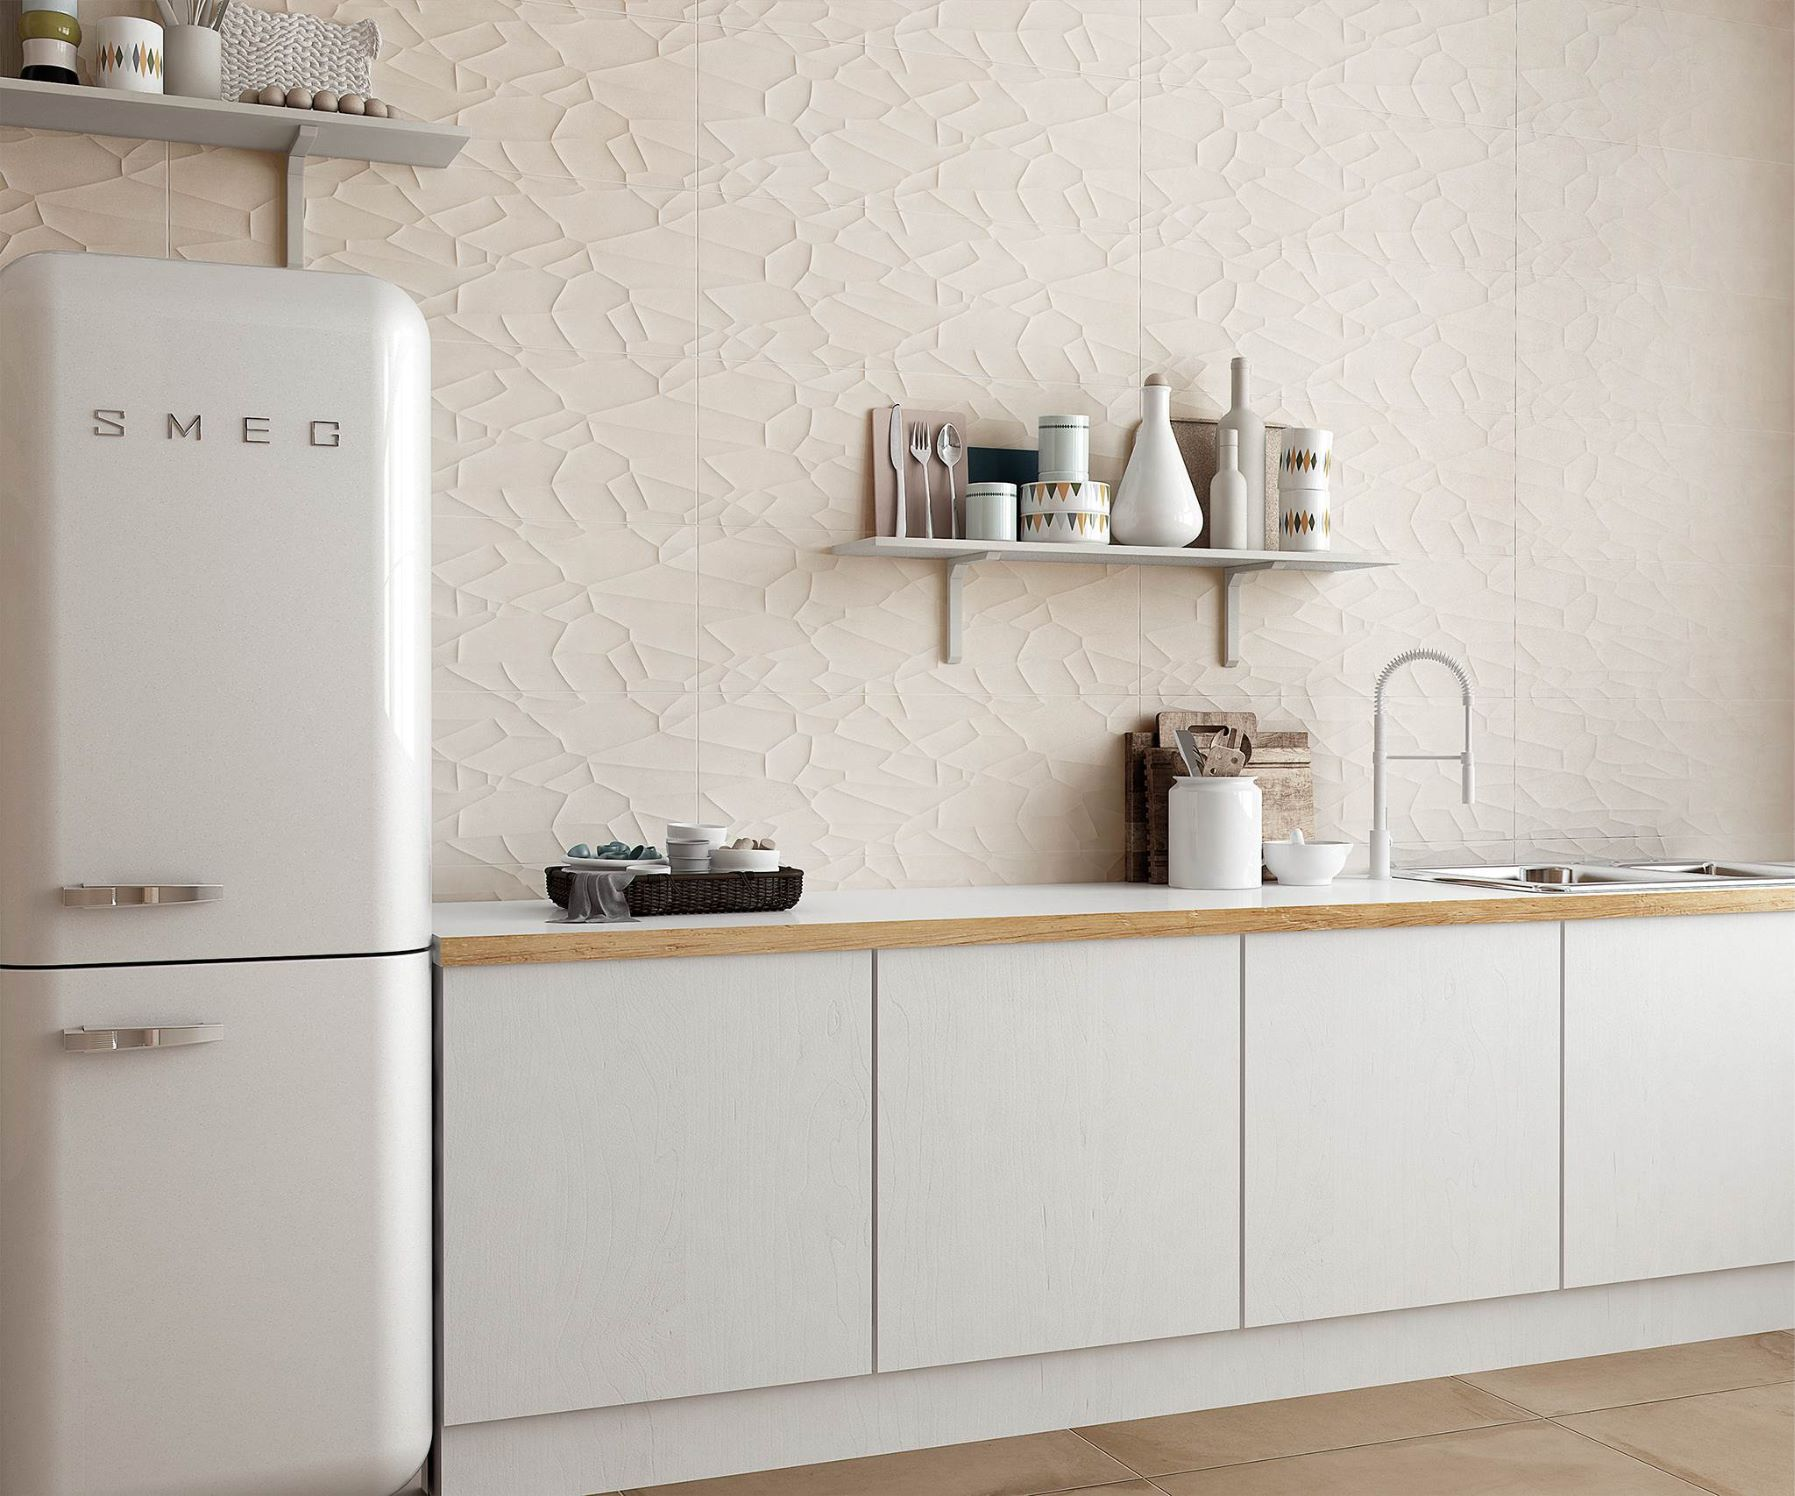 Azulejos de relieve en el dise o de interiores azulejos pe a for Ceramica cocina decoracion